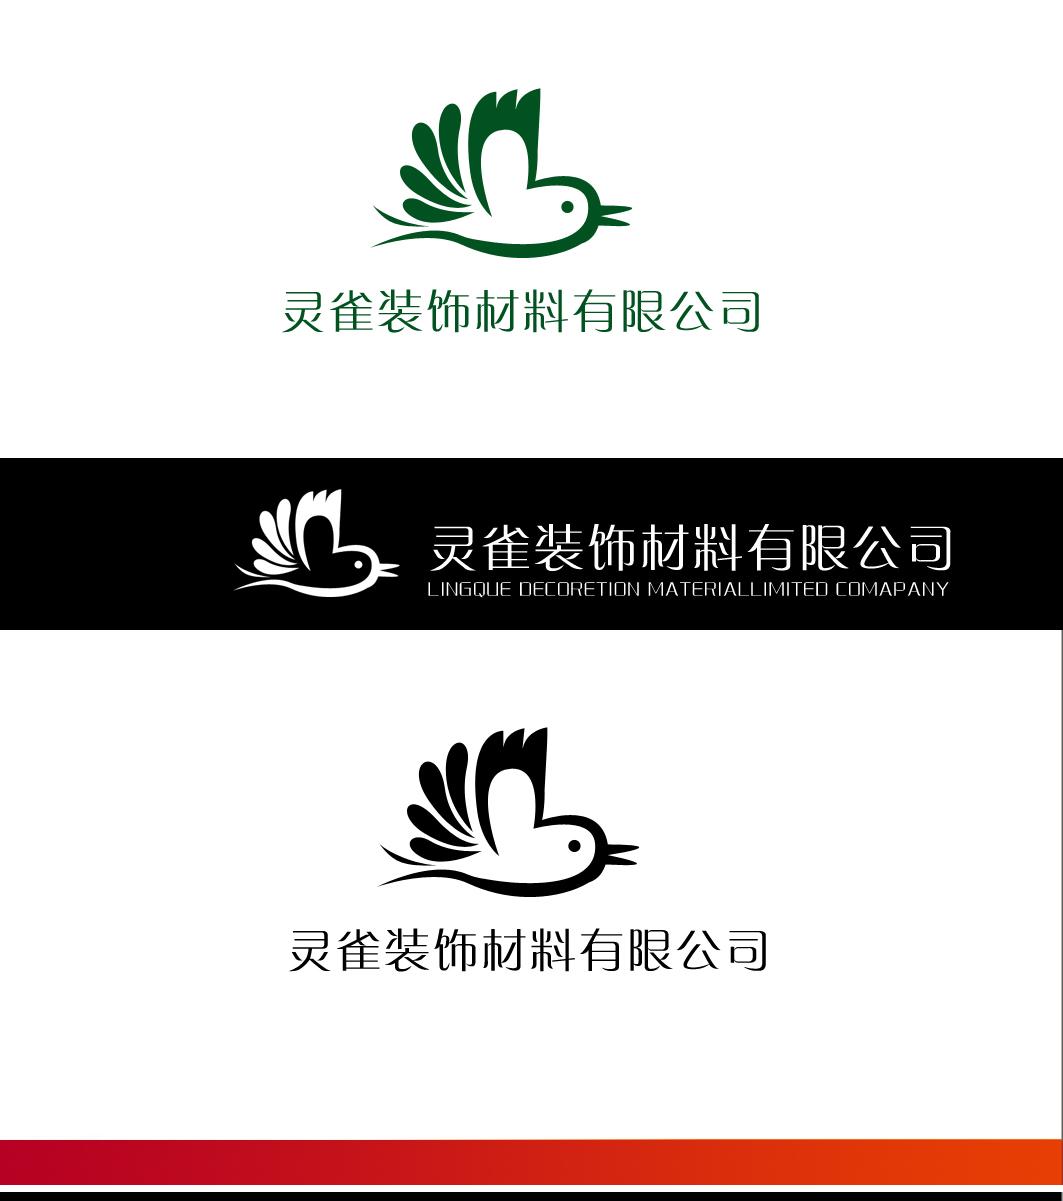 上海灵雀装饰材料有限公司logo及名片设计_2592546_k68威客网